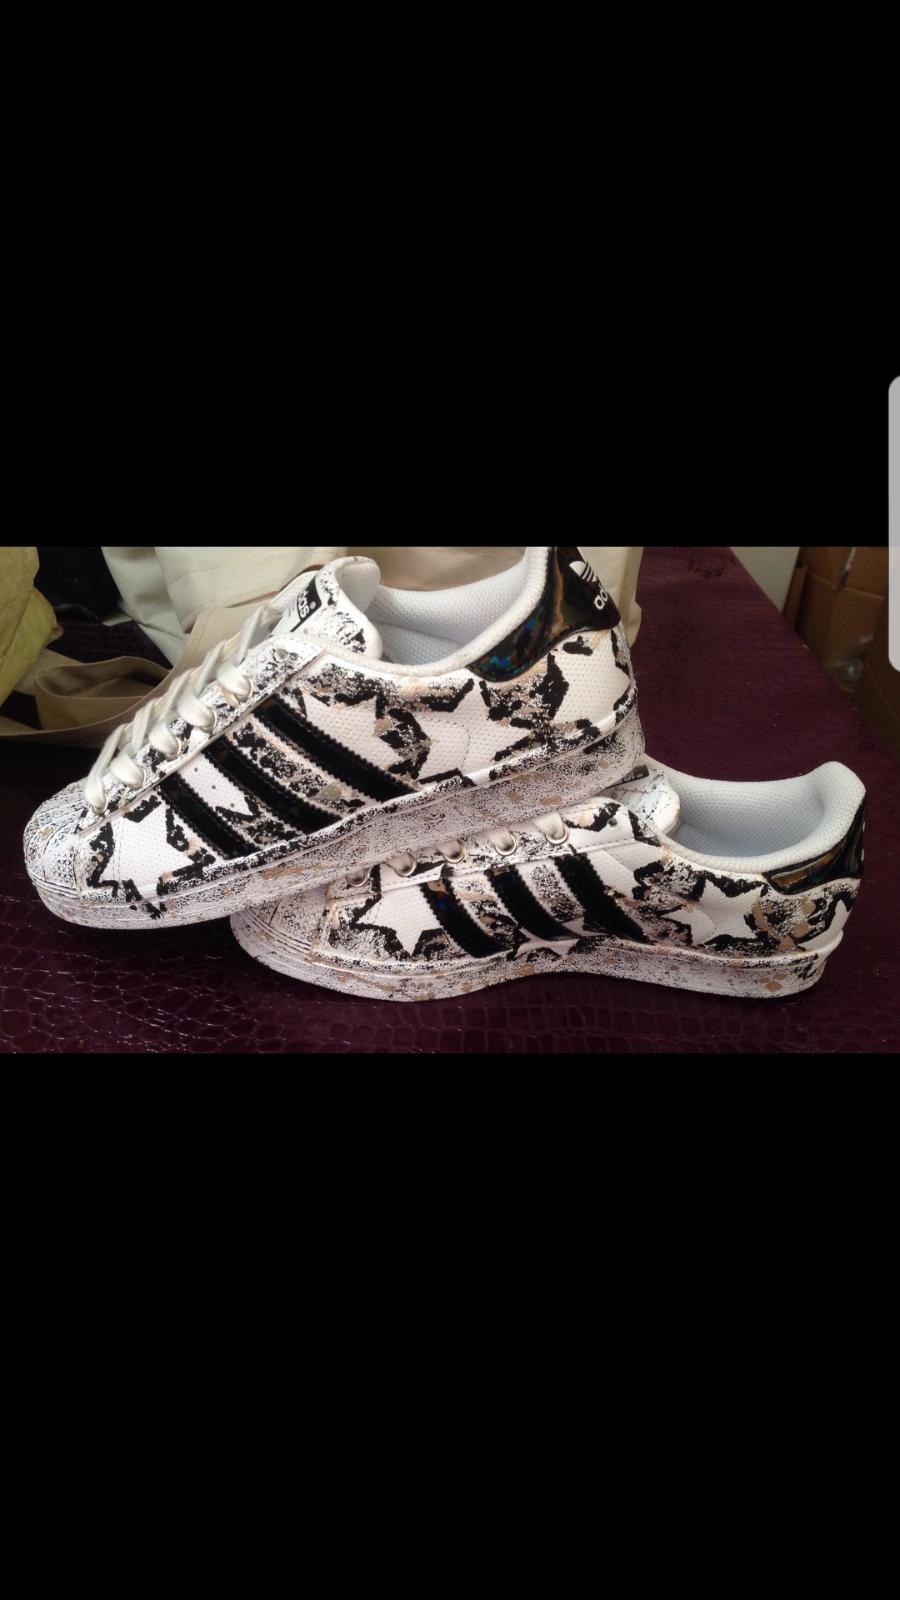 scarpe scarpe scarpe adidas super star personalizzata 4b775d